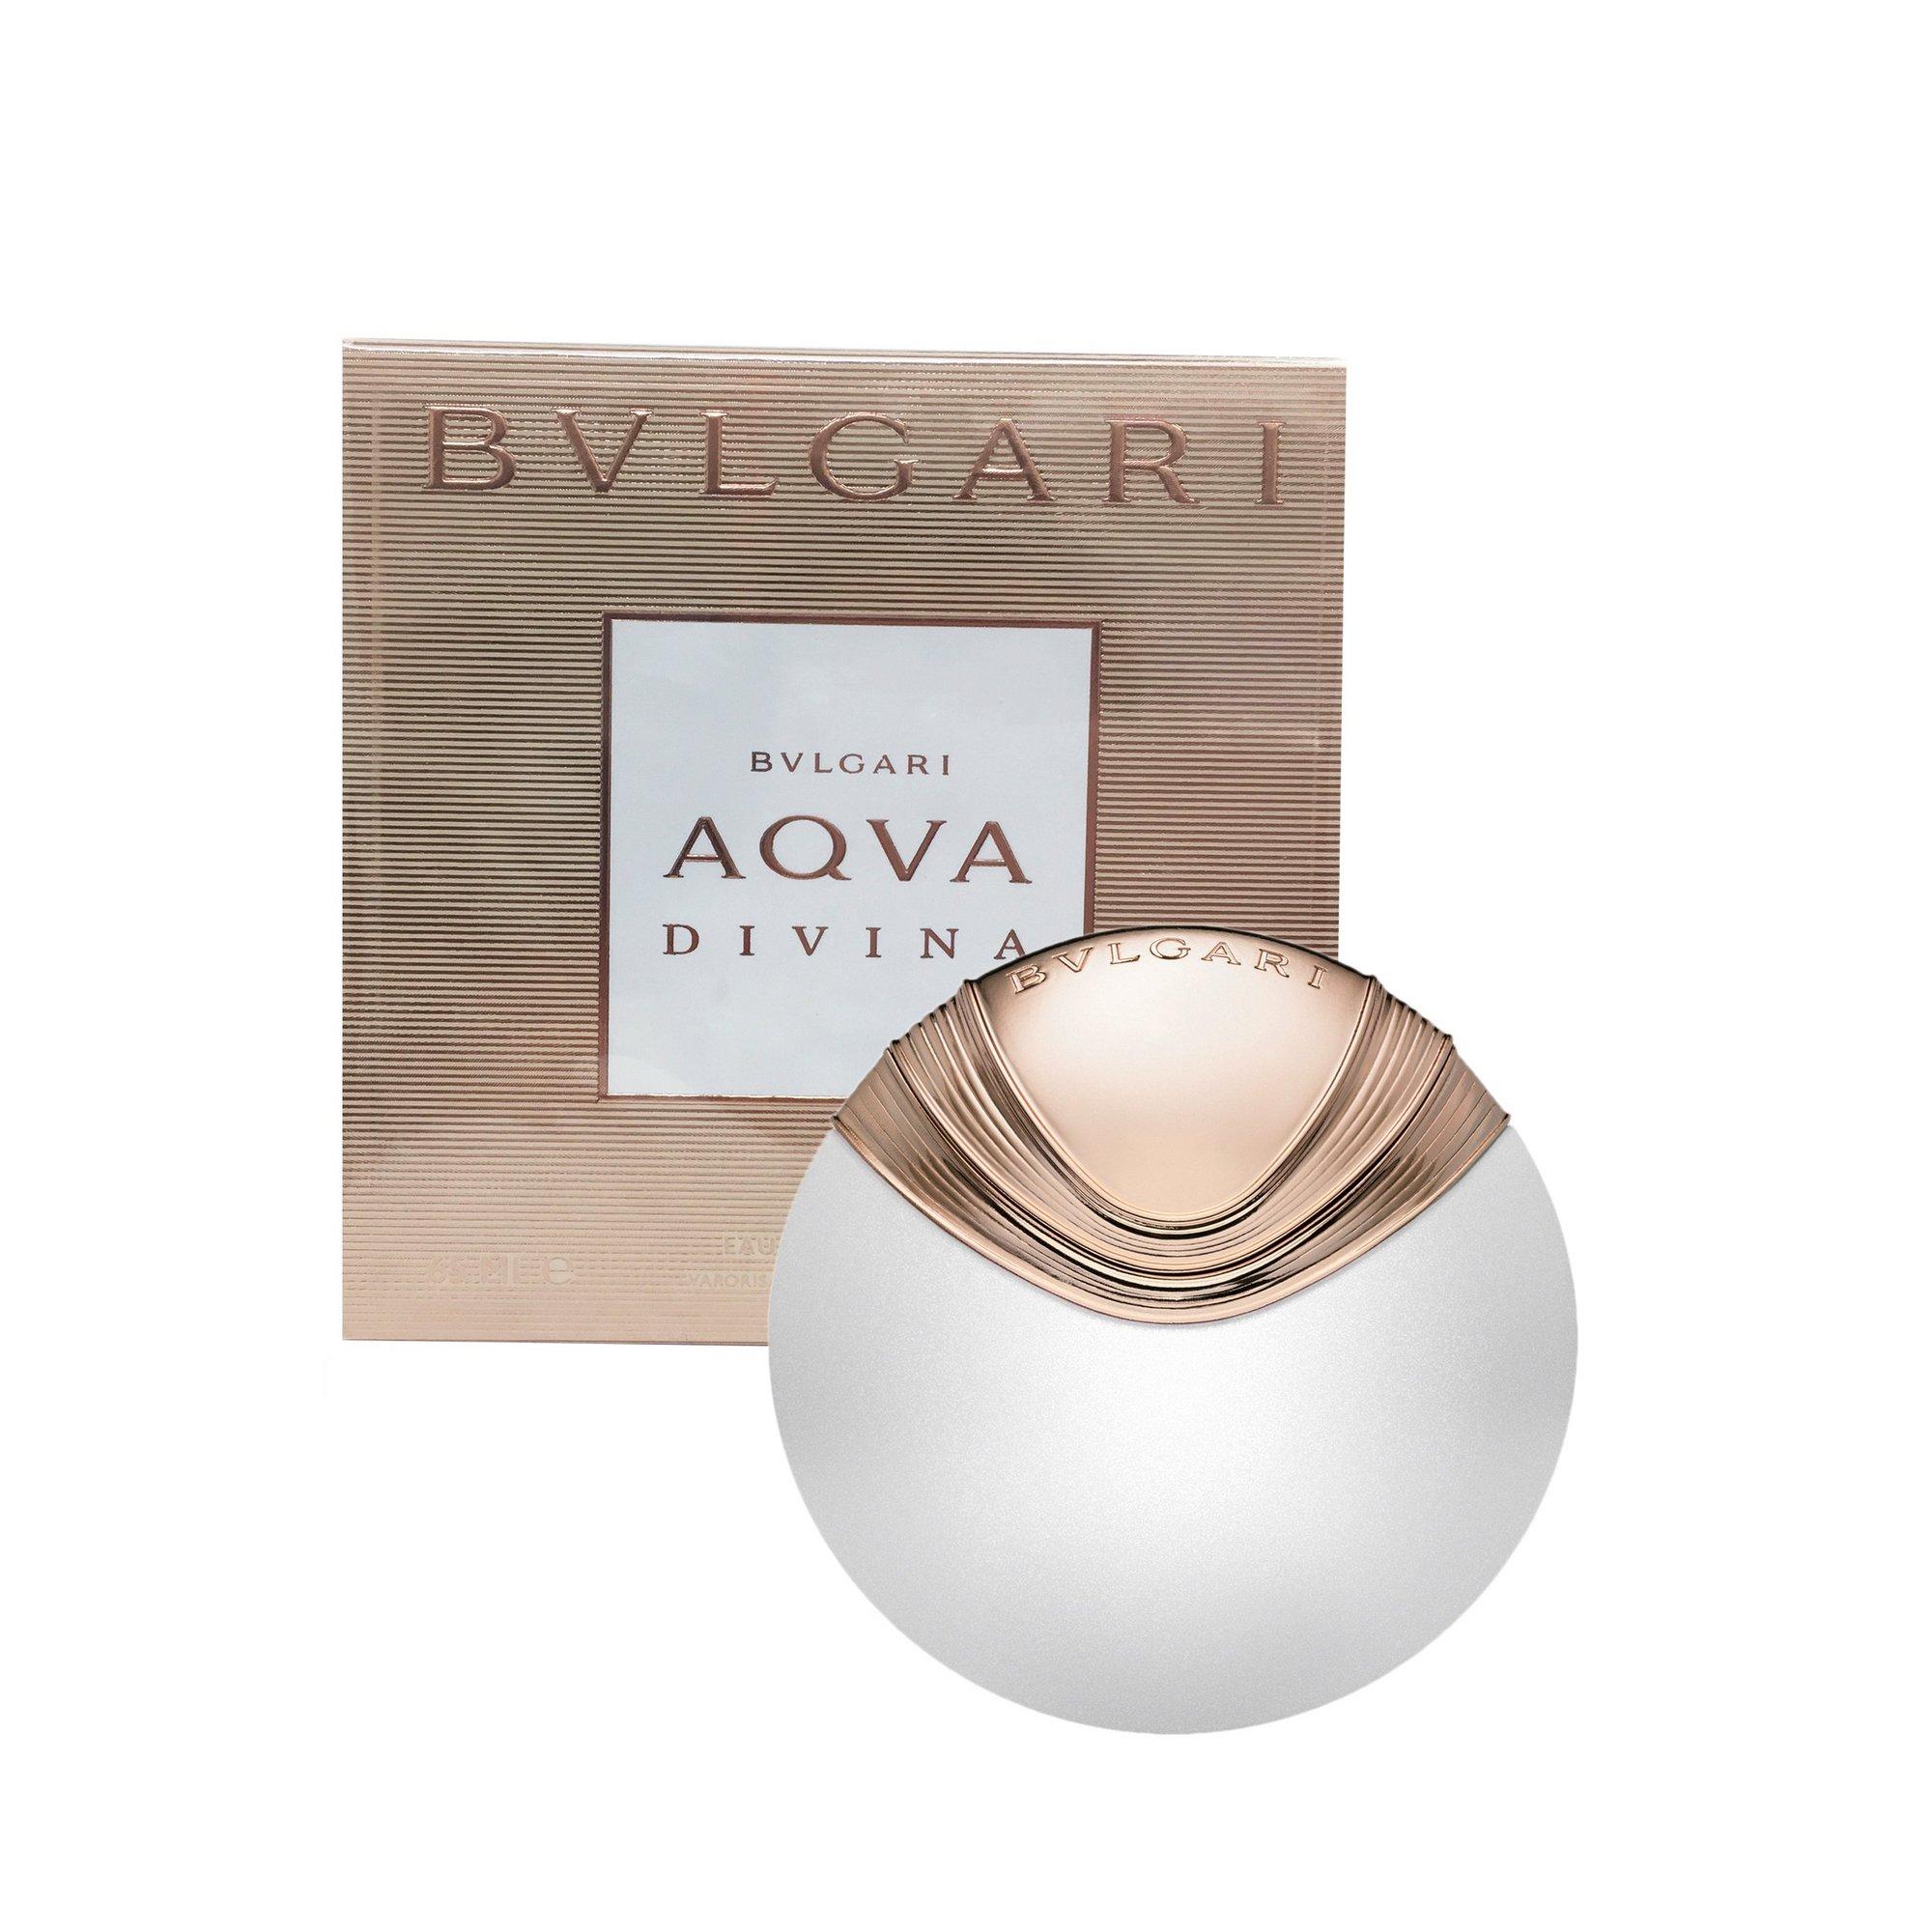 Image of Bulgari Aqua Divina Ladies EDT